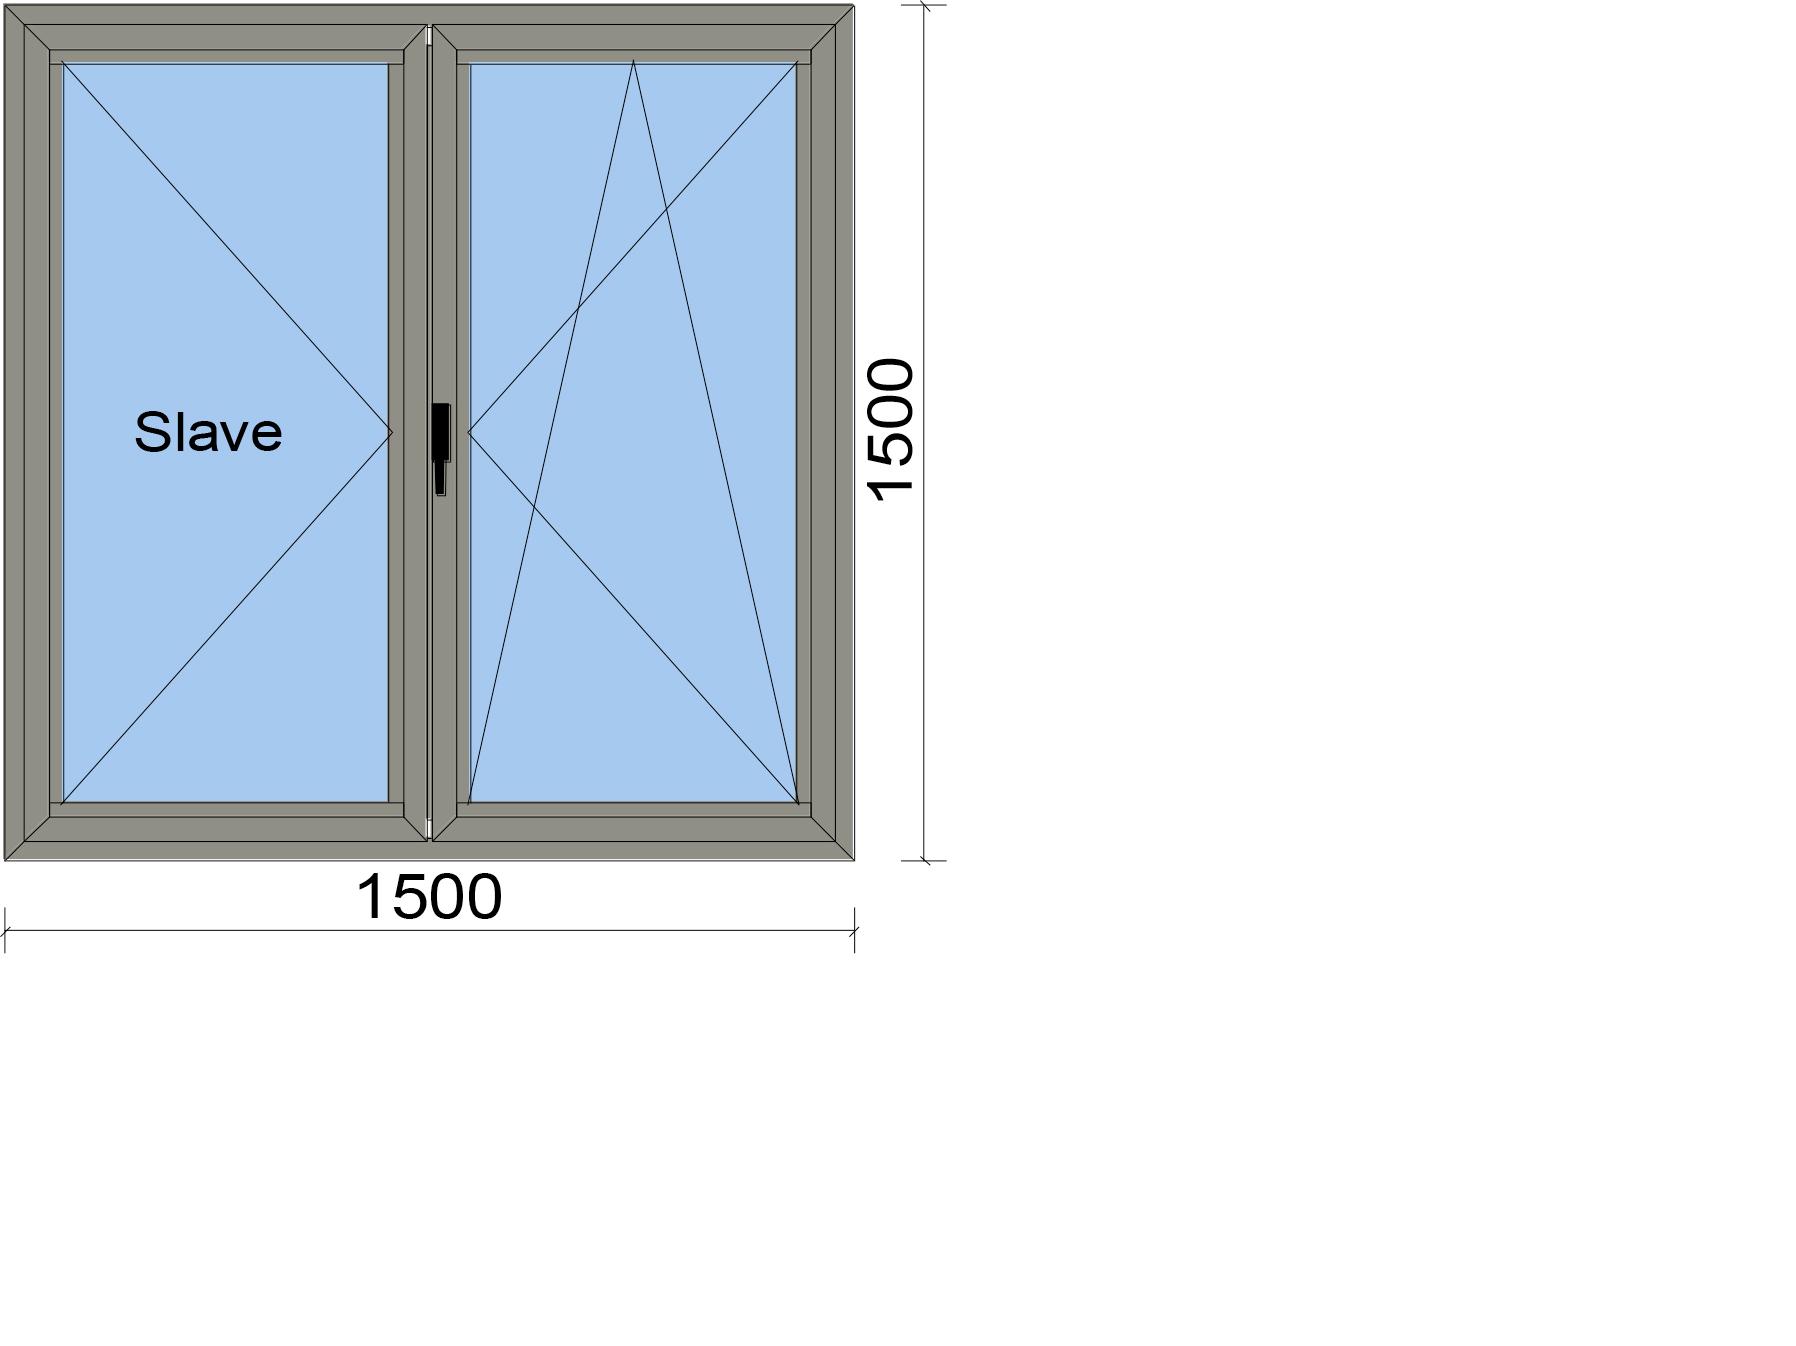 Прозорец от две части с летящ делител с едно едноосово и едно двуосово отваряемо крило